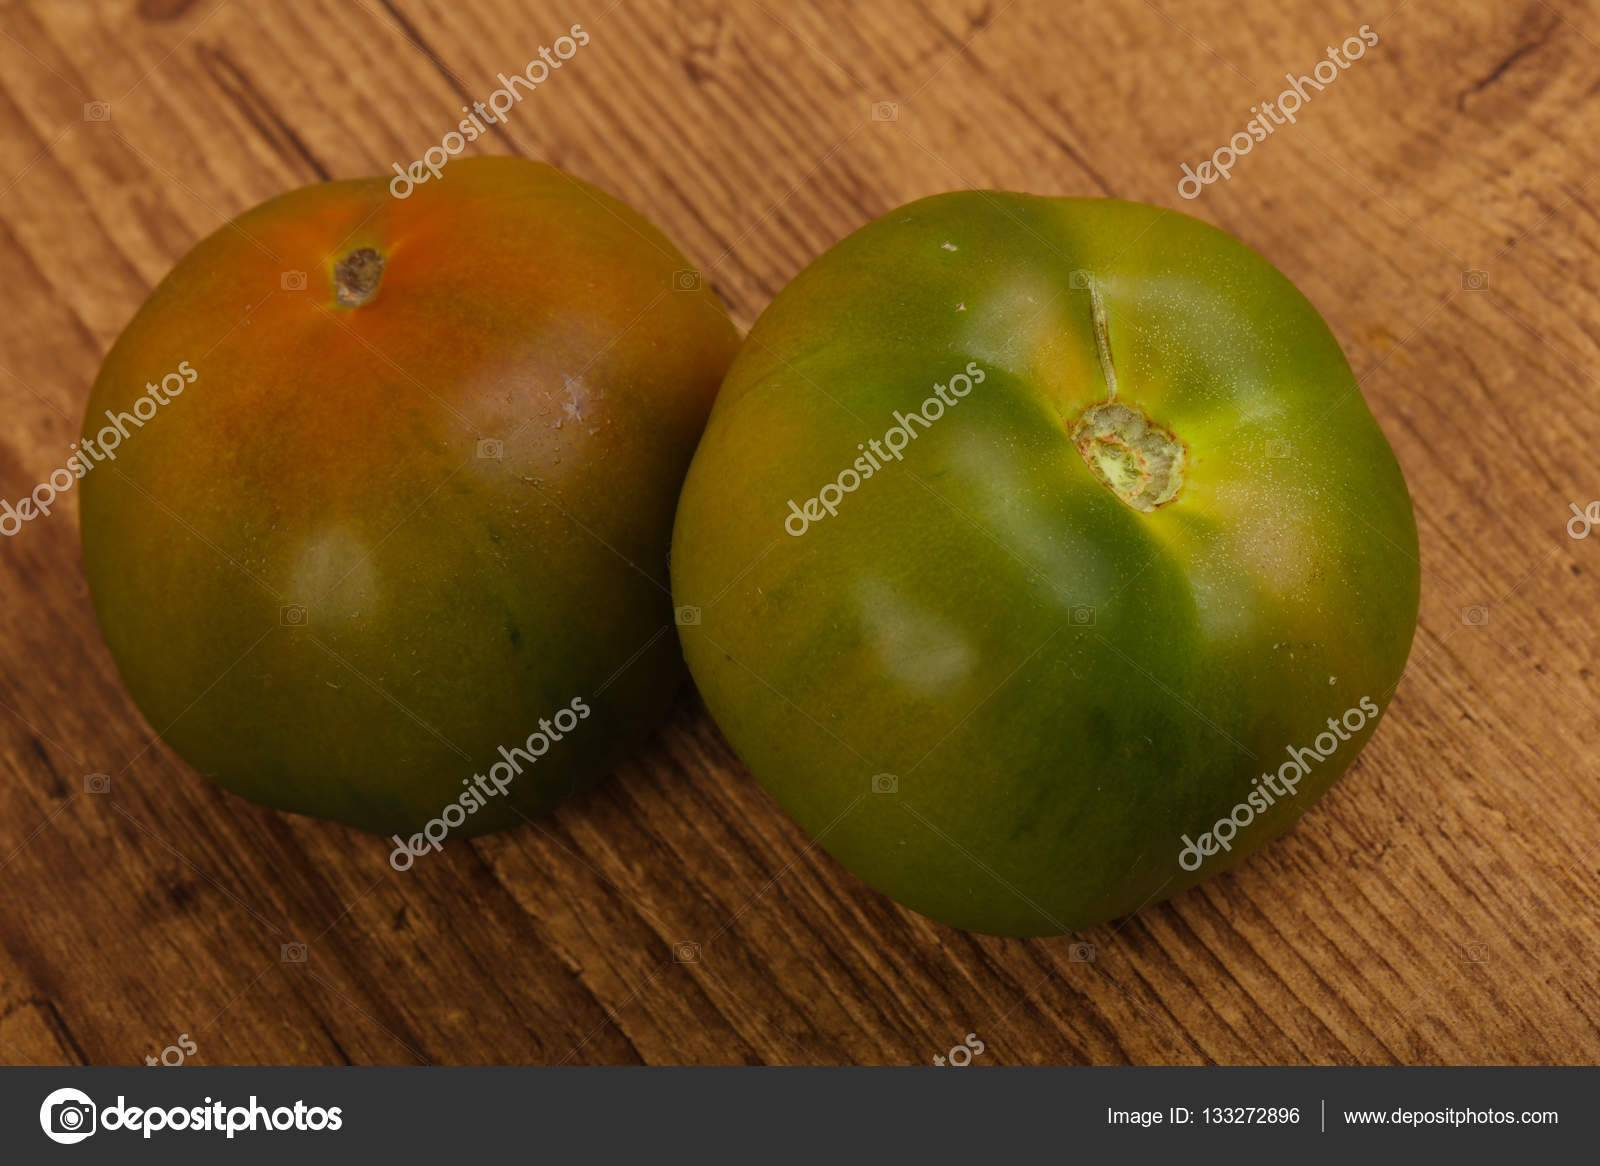 Томат кумато – среднеспелый черный помидор с отменными вкусовыми характеристиками